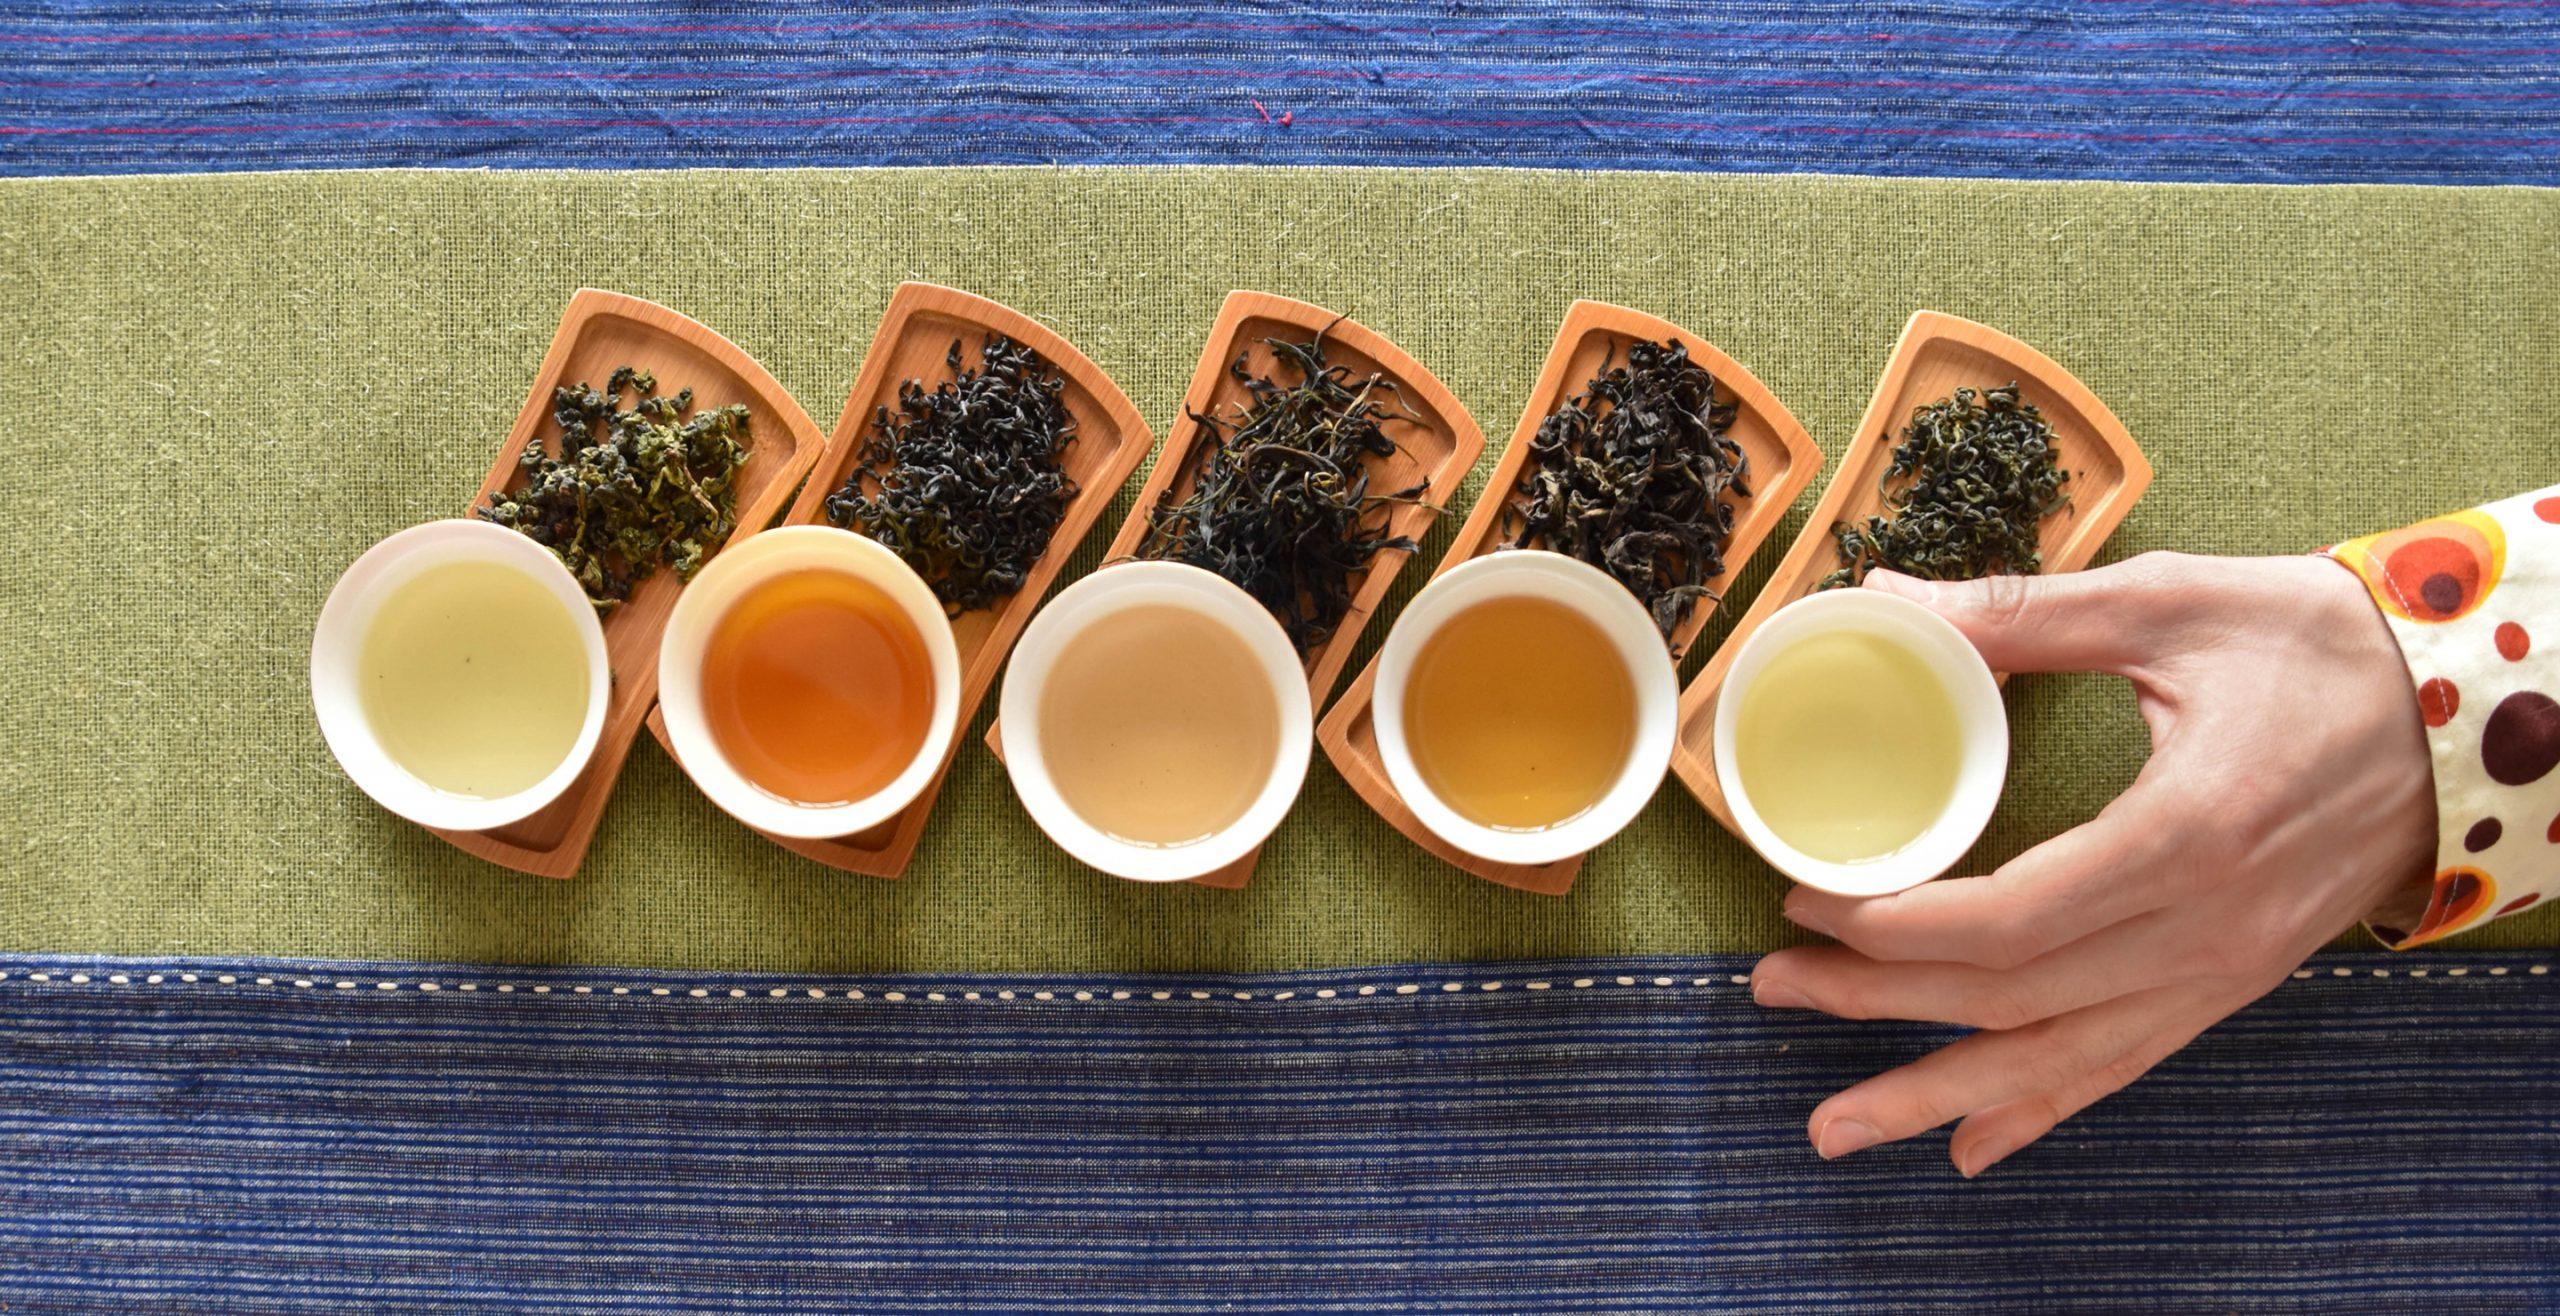 Определение свойств чая по цвету и вкусу